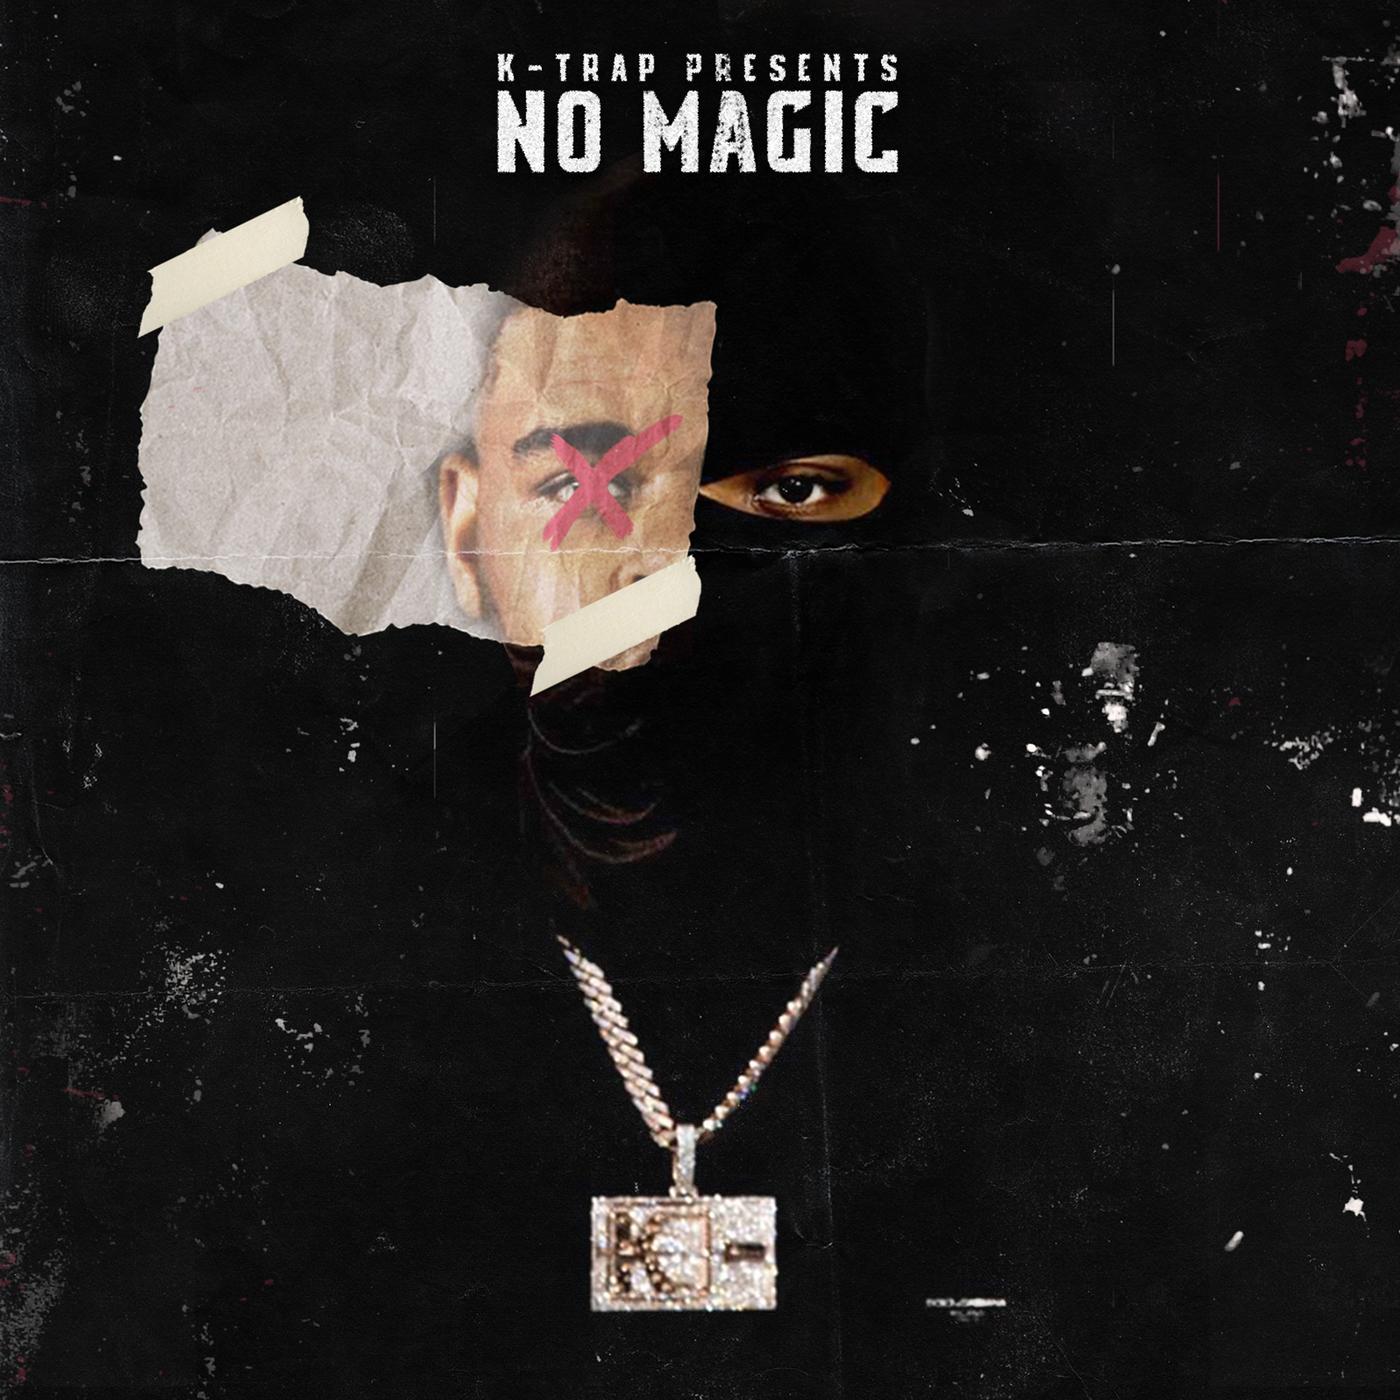 No Magic - K-Trap